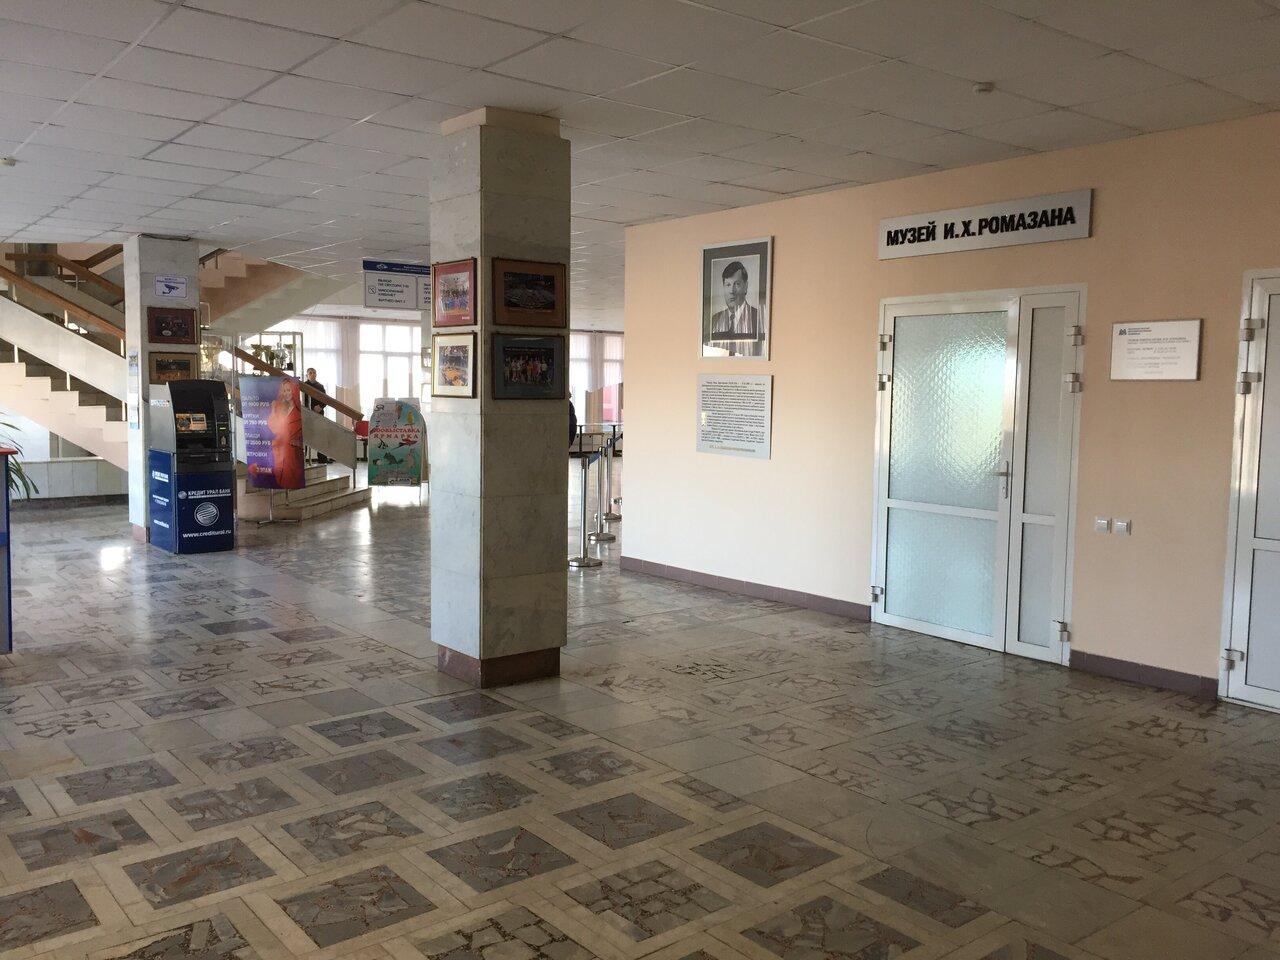 В Магнитогорске завершился ремонт во дворце спорта имени Ивана Ромазана